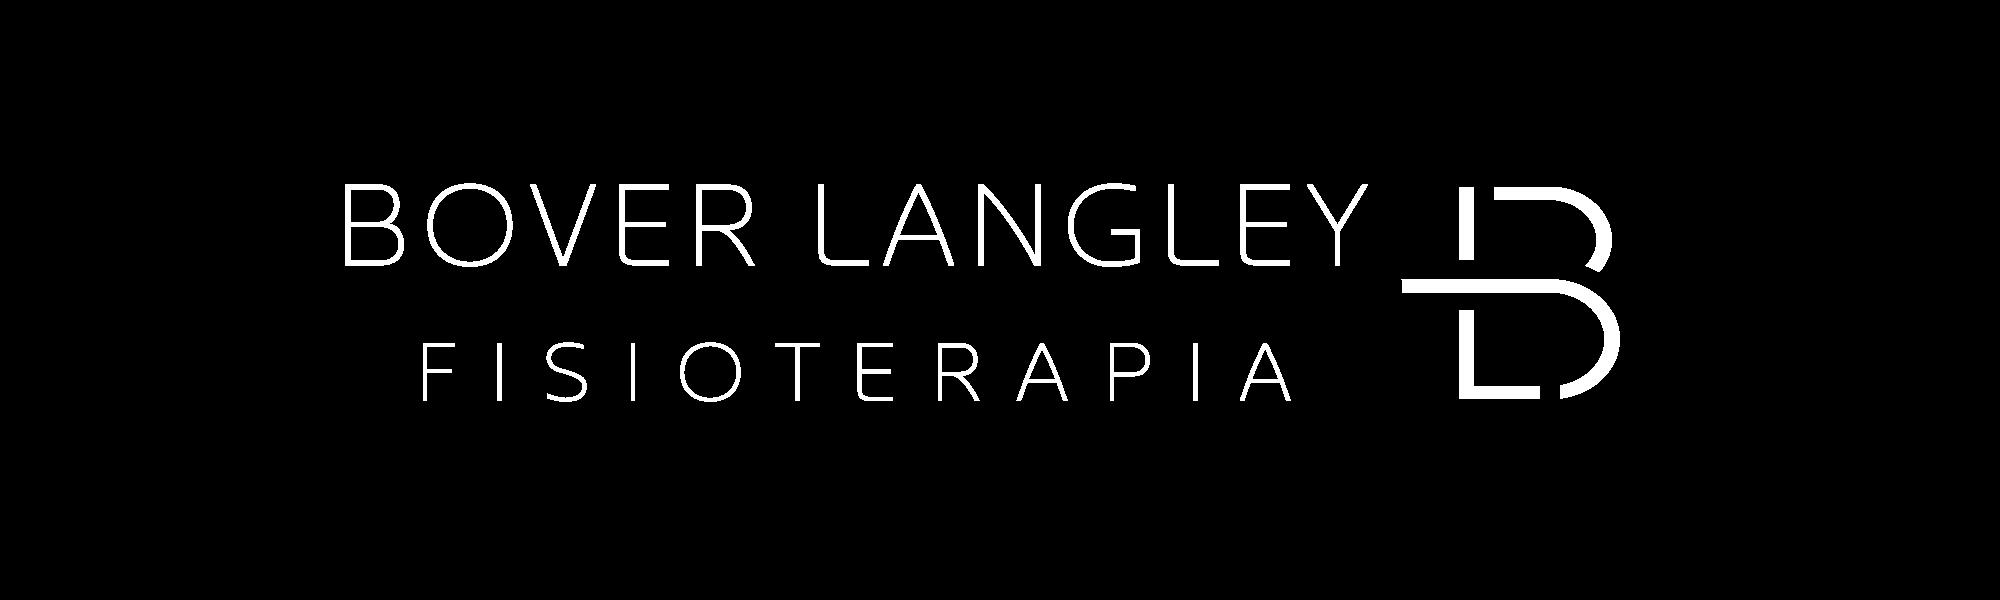 Fisioterapia y Osteopatía Palma de Mallorca | BoverLangley